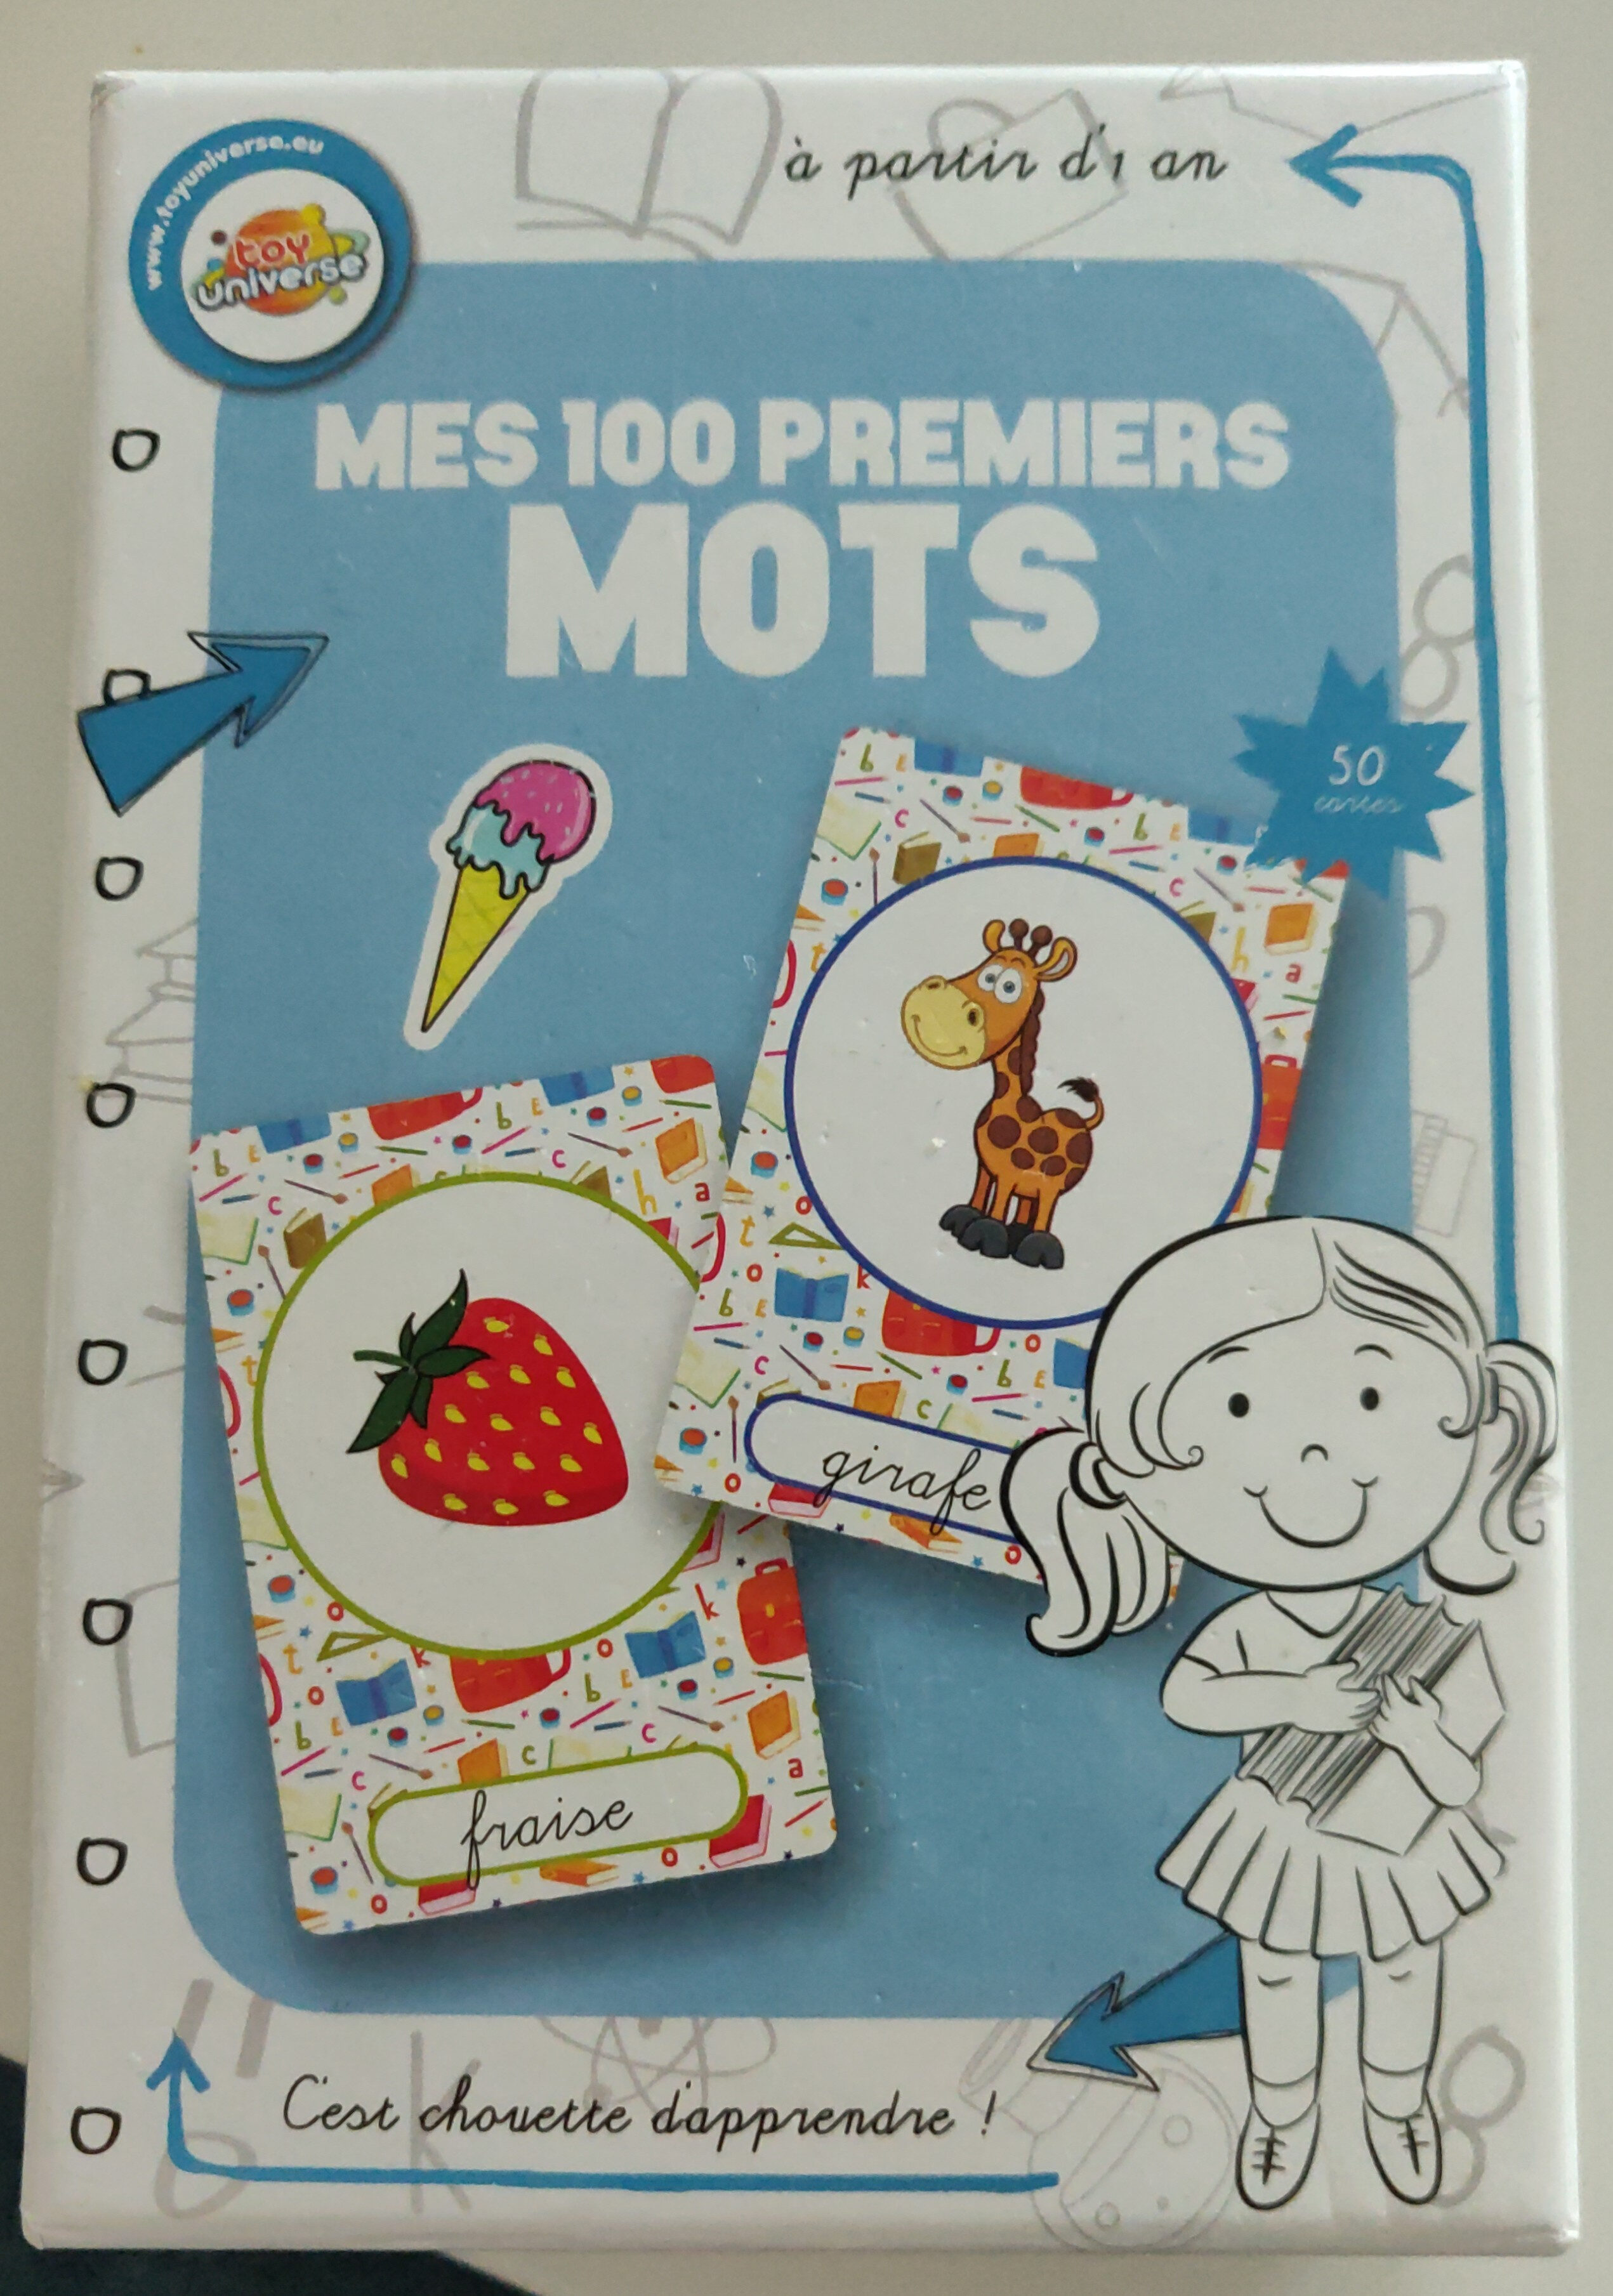 Mes 100 premiers mots - Produit - fr